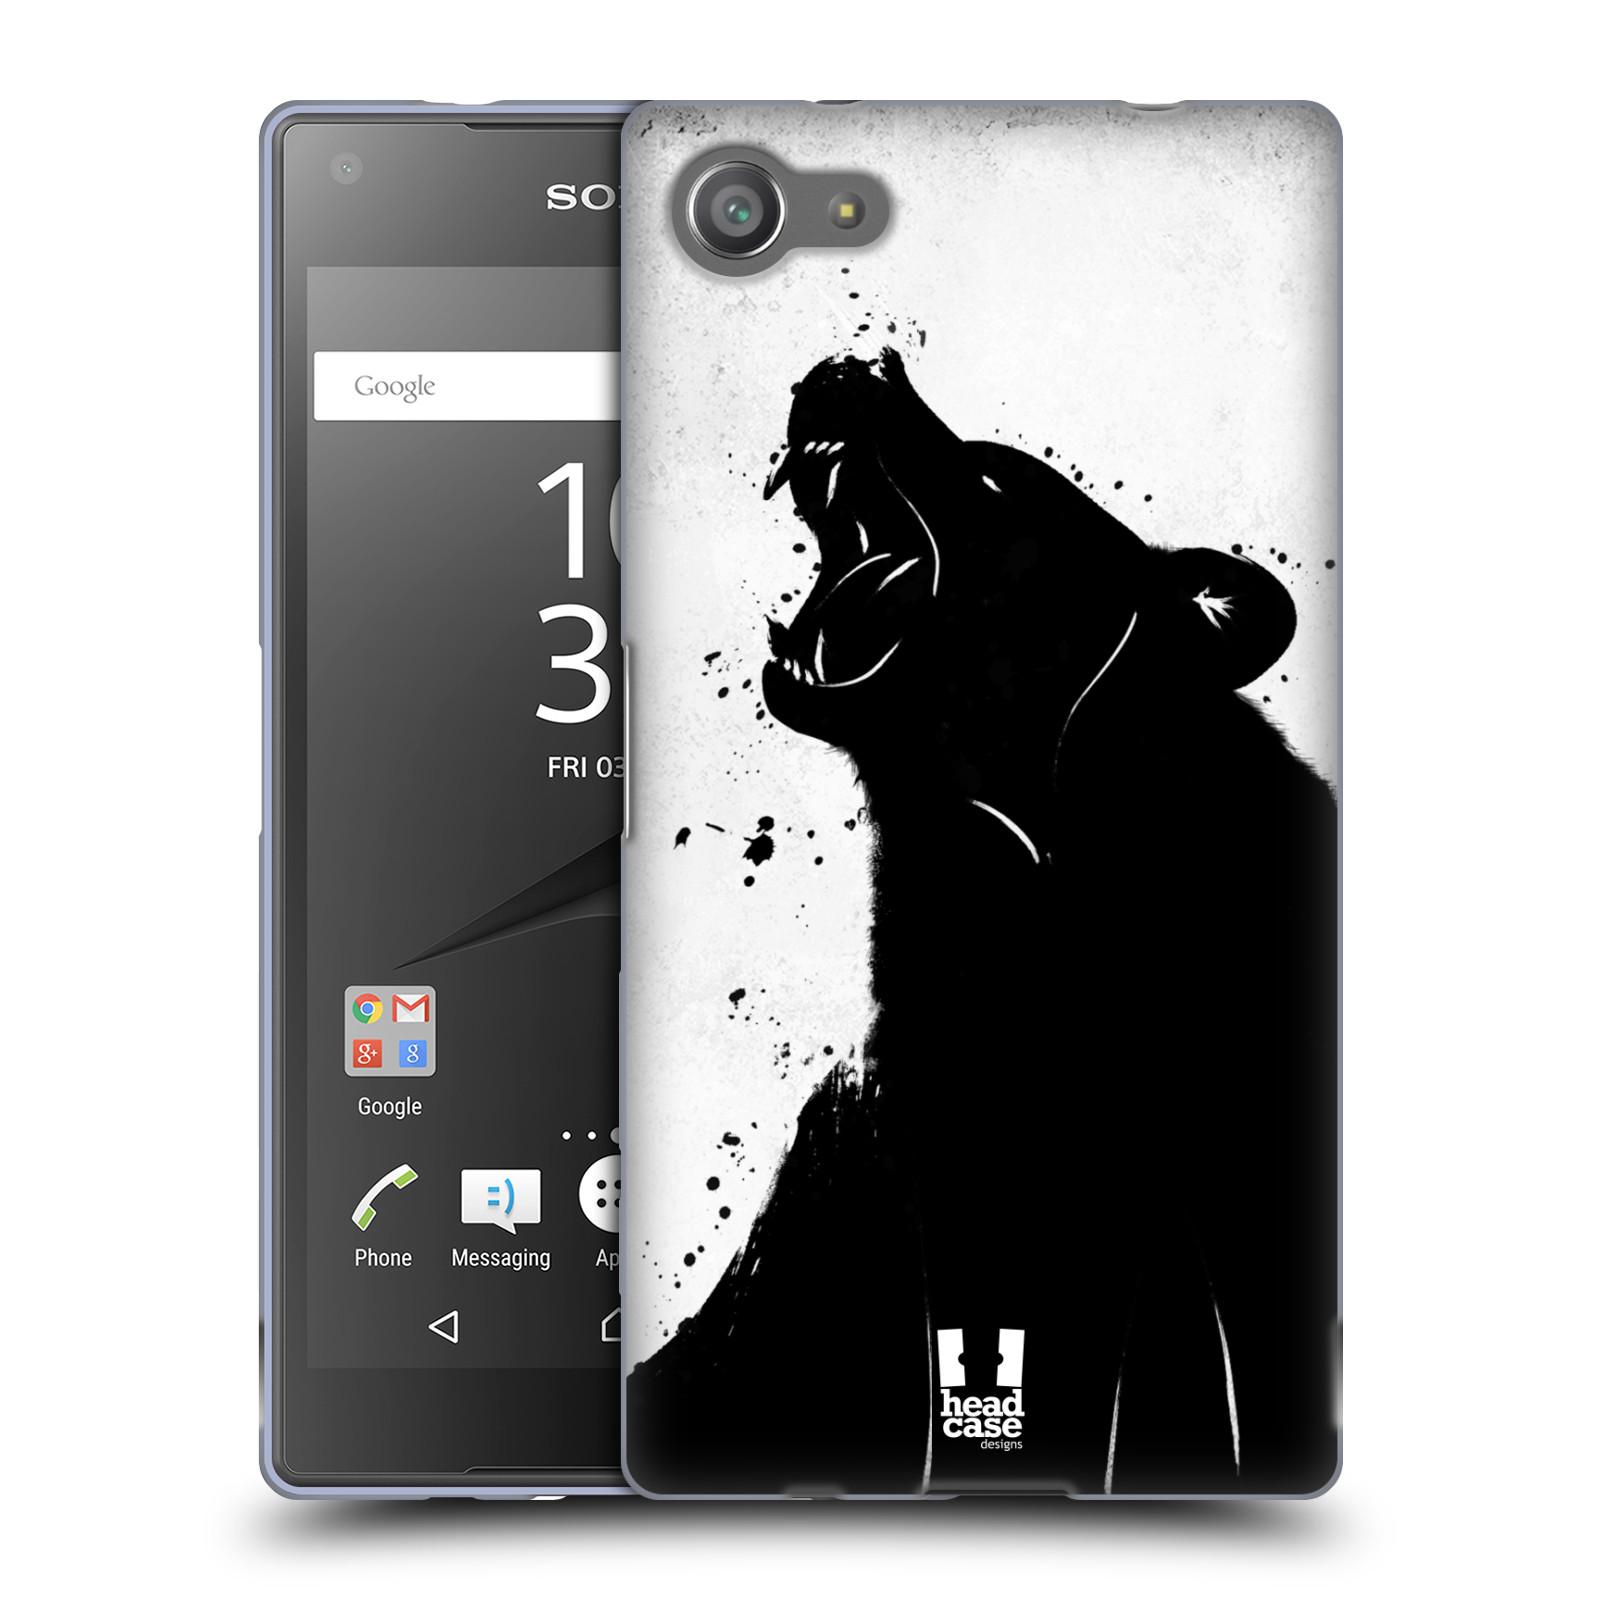 HEAD CASE silikonový obal na mobil Sony Xperia Z5 COMPACT vzor Kresba tuš zvíře medvěd